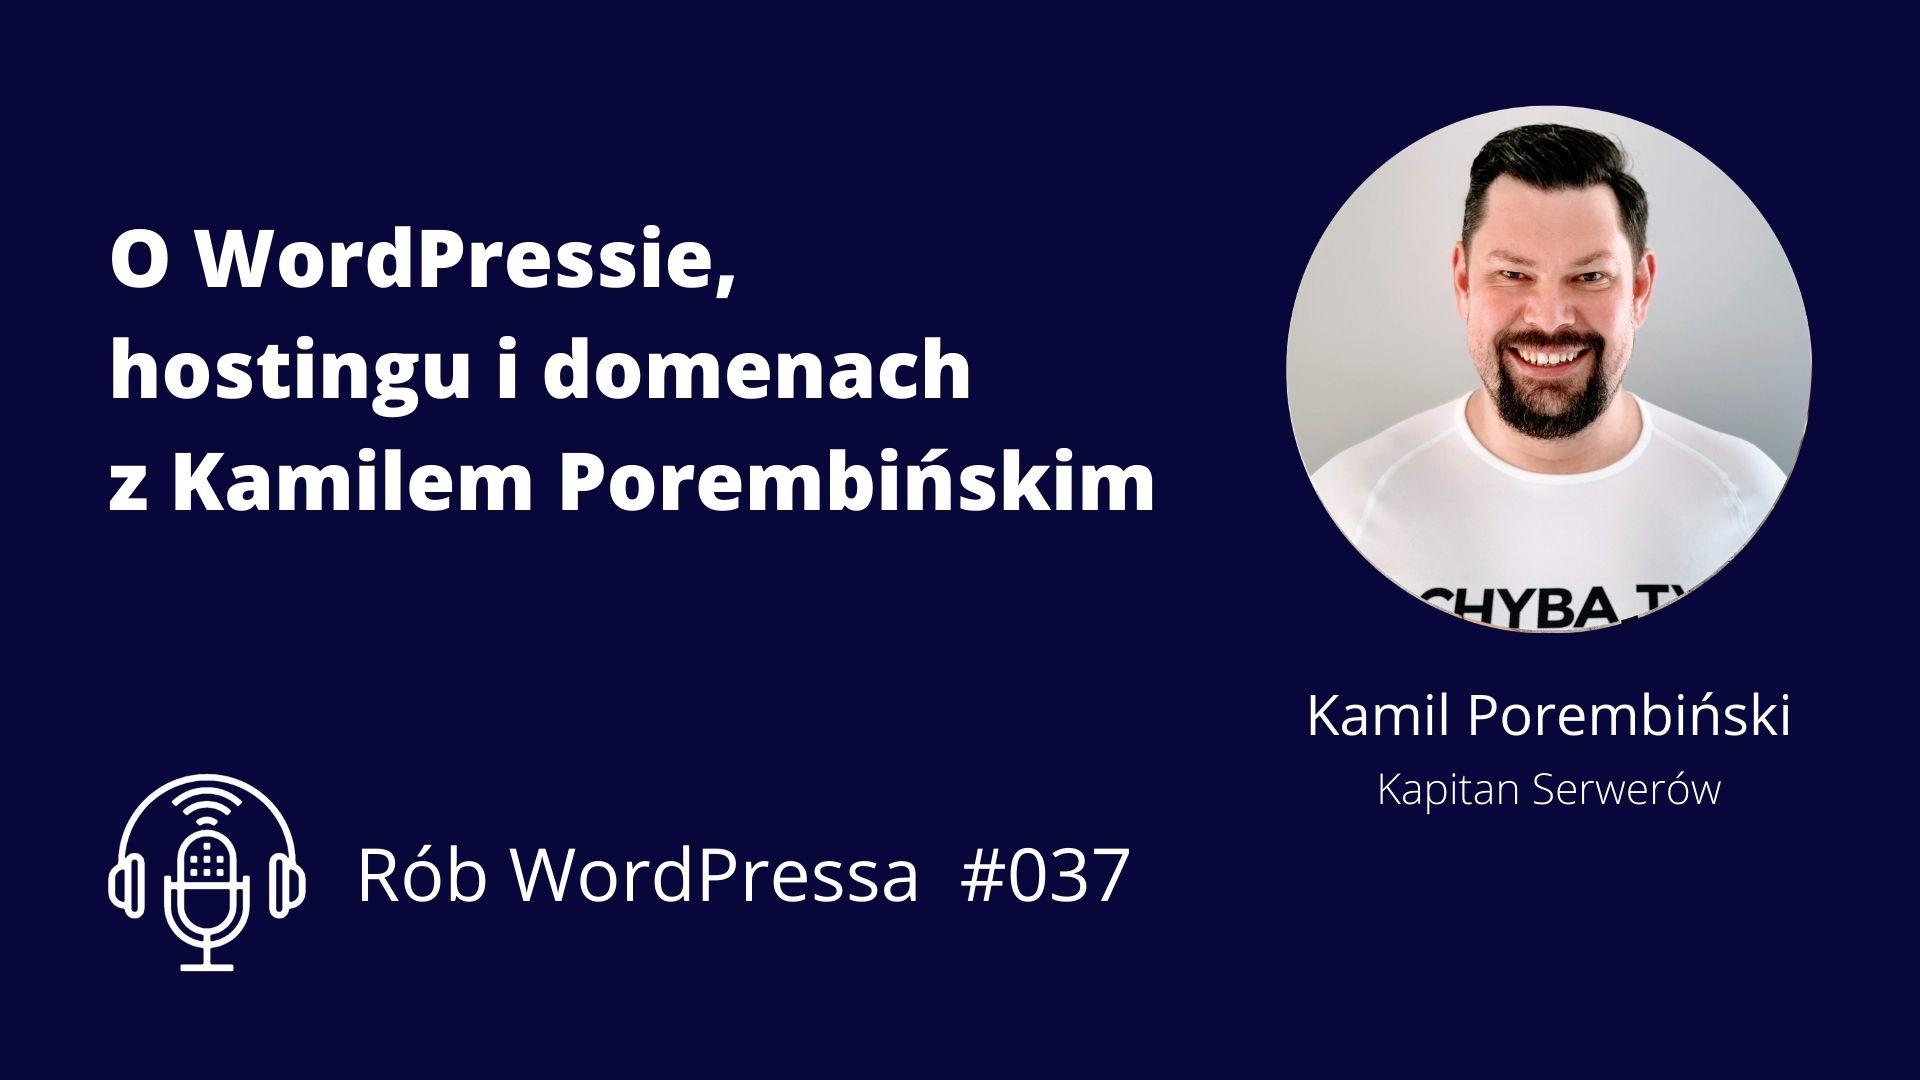 O utrzymaniu stron z Kamilem Porembińskim